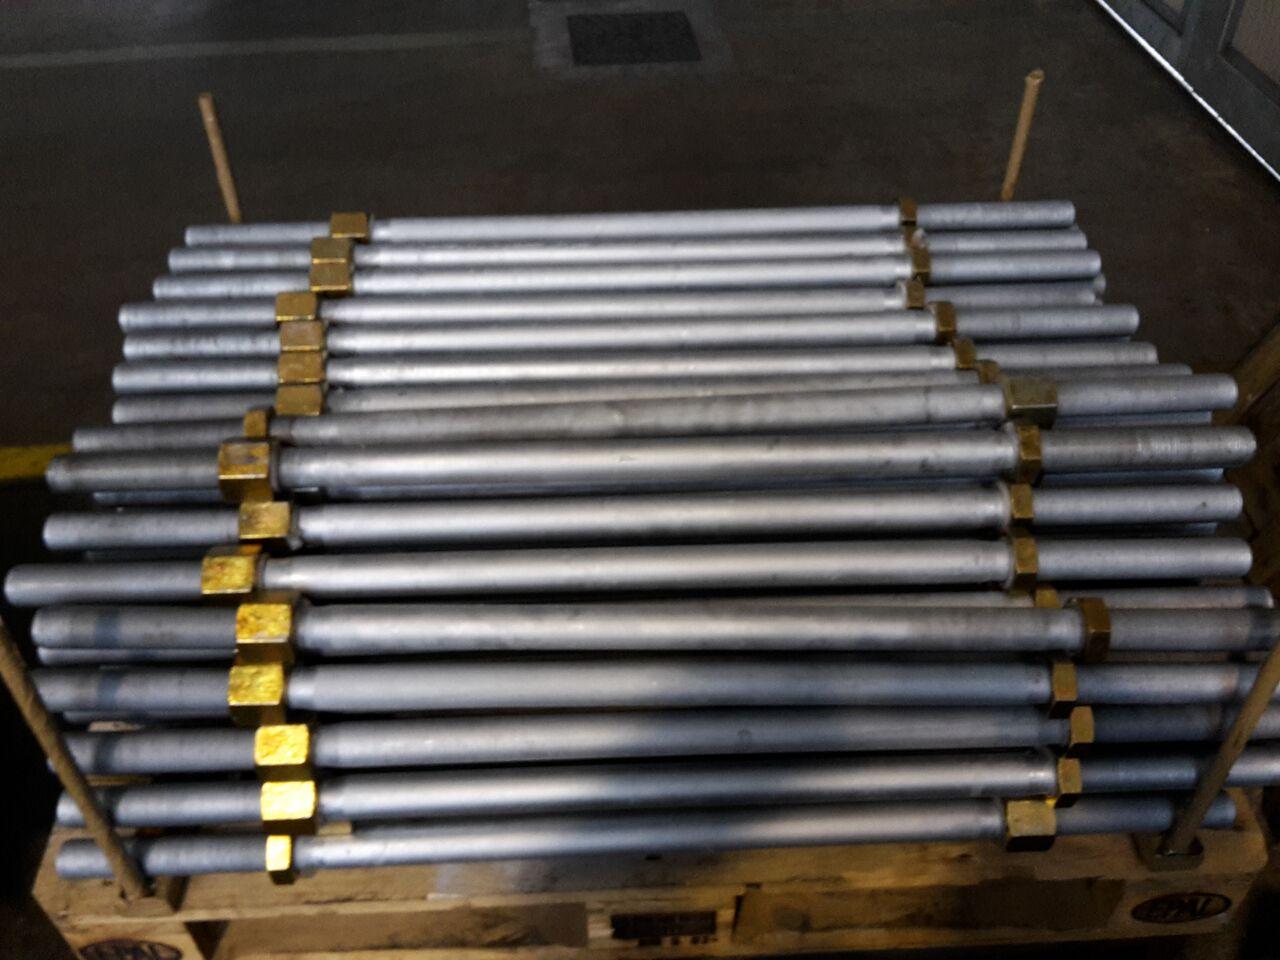 Barre-filettate-a-caldo-zincate-a-caldo-nr.-02-150x150.jpg